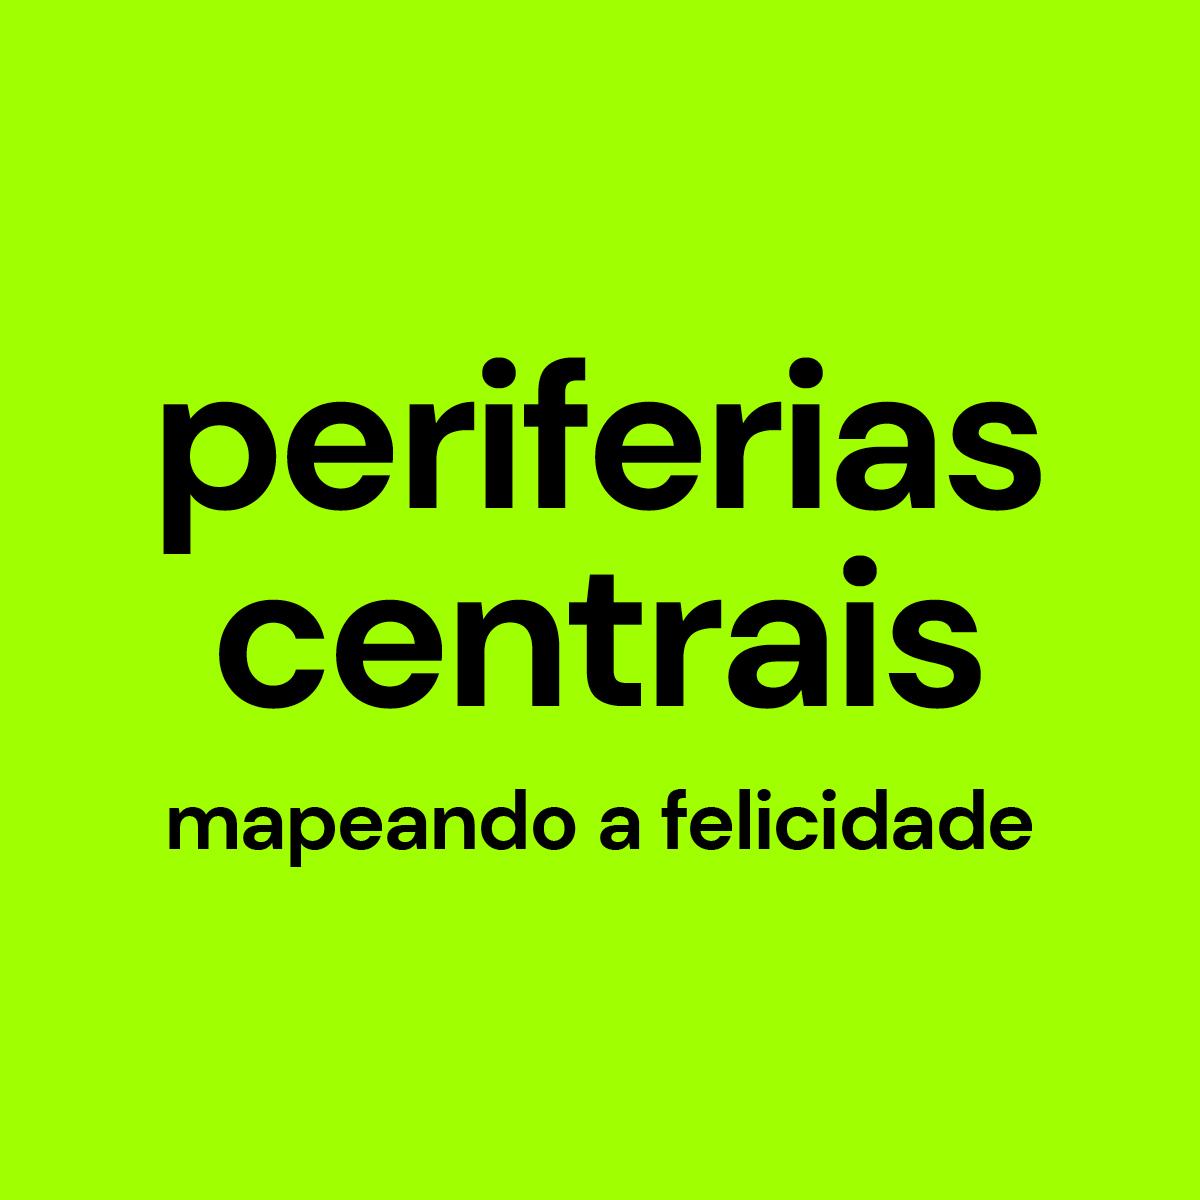 Imagem e link para o website Periferias Centrais